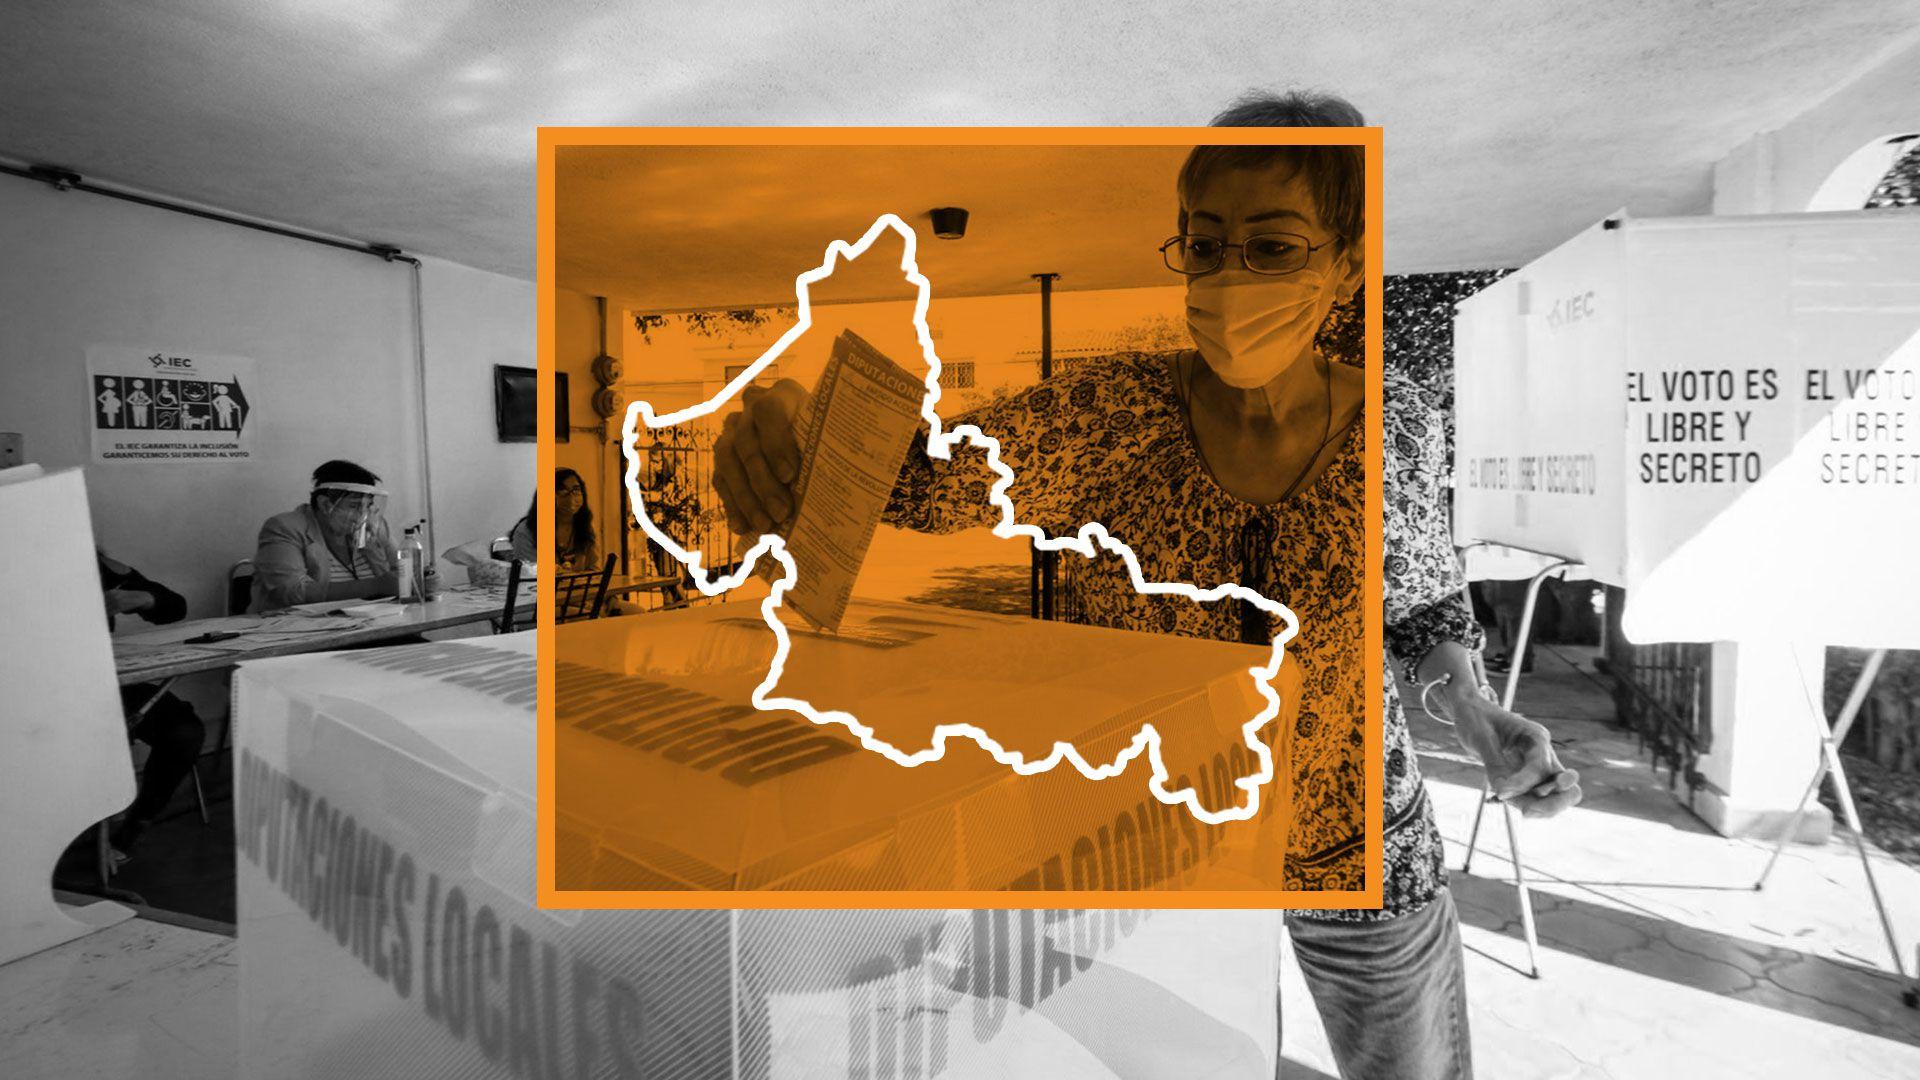 Elecciones en México: San Luis Potosí (Ilustración: Jovani/Infobae)